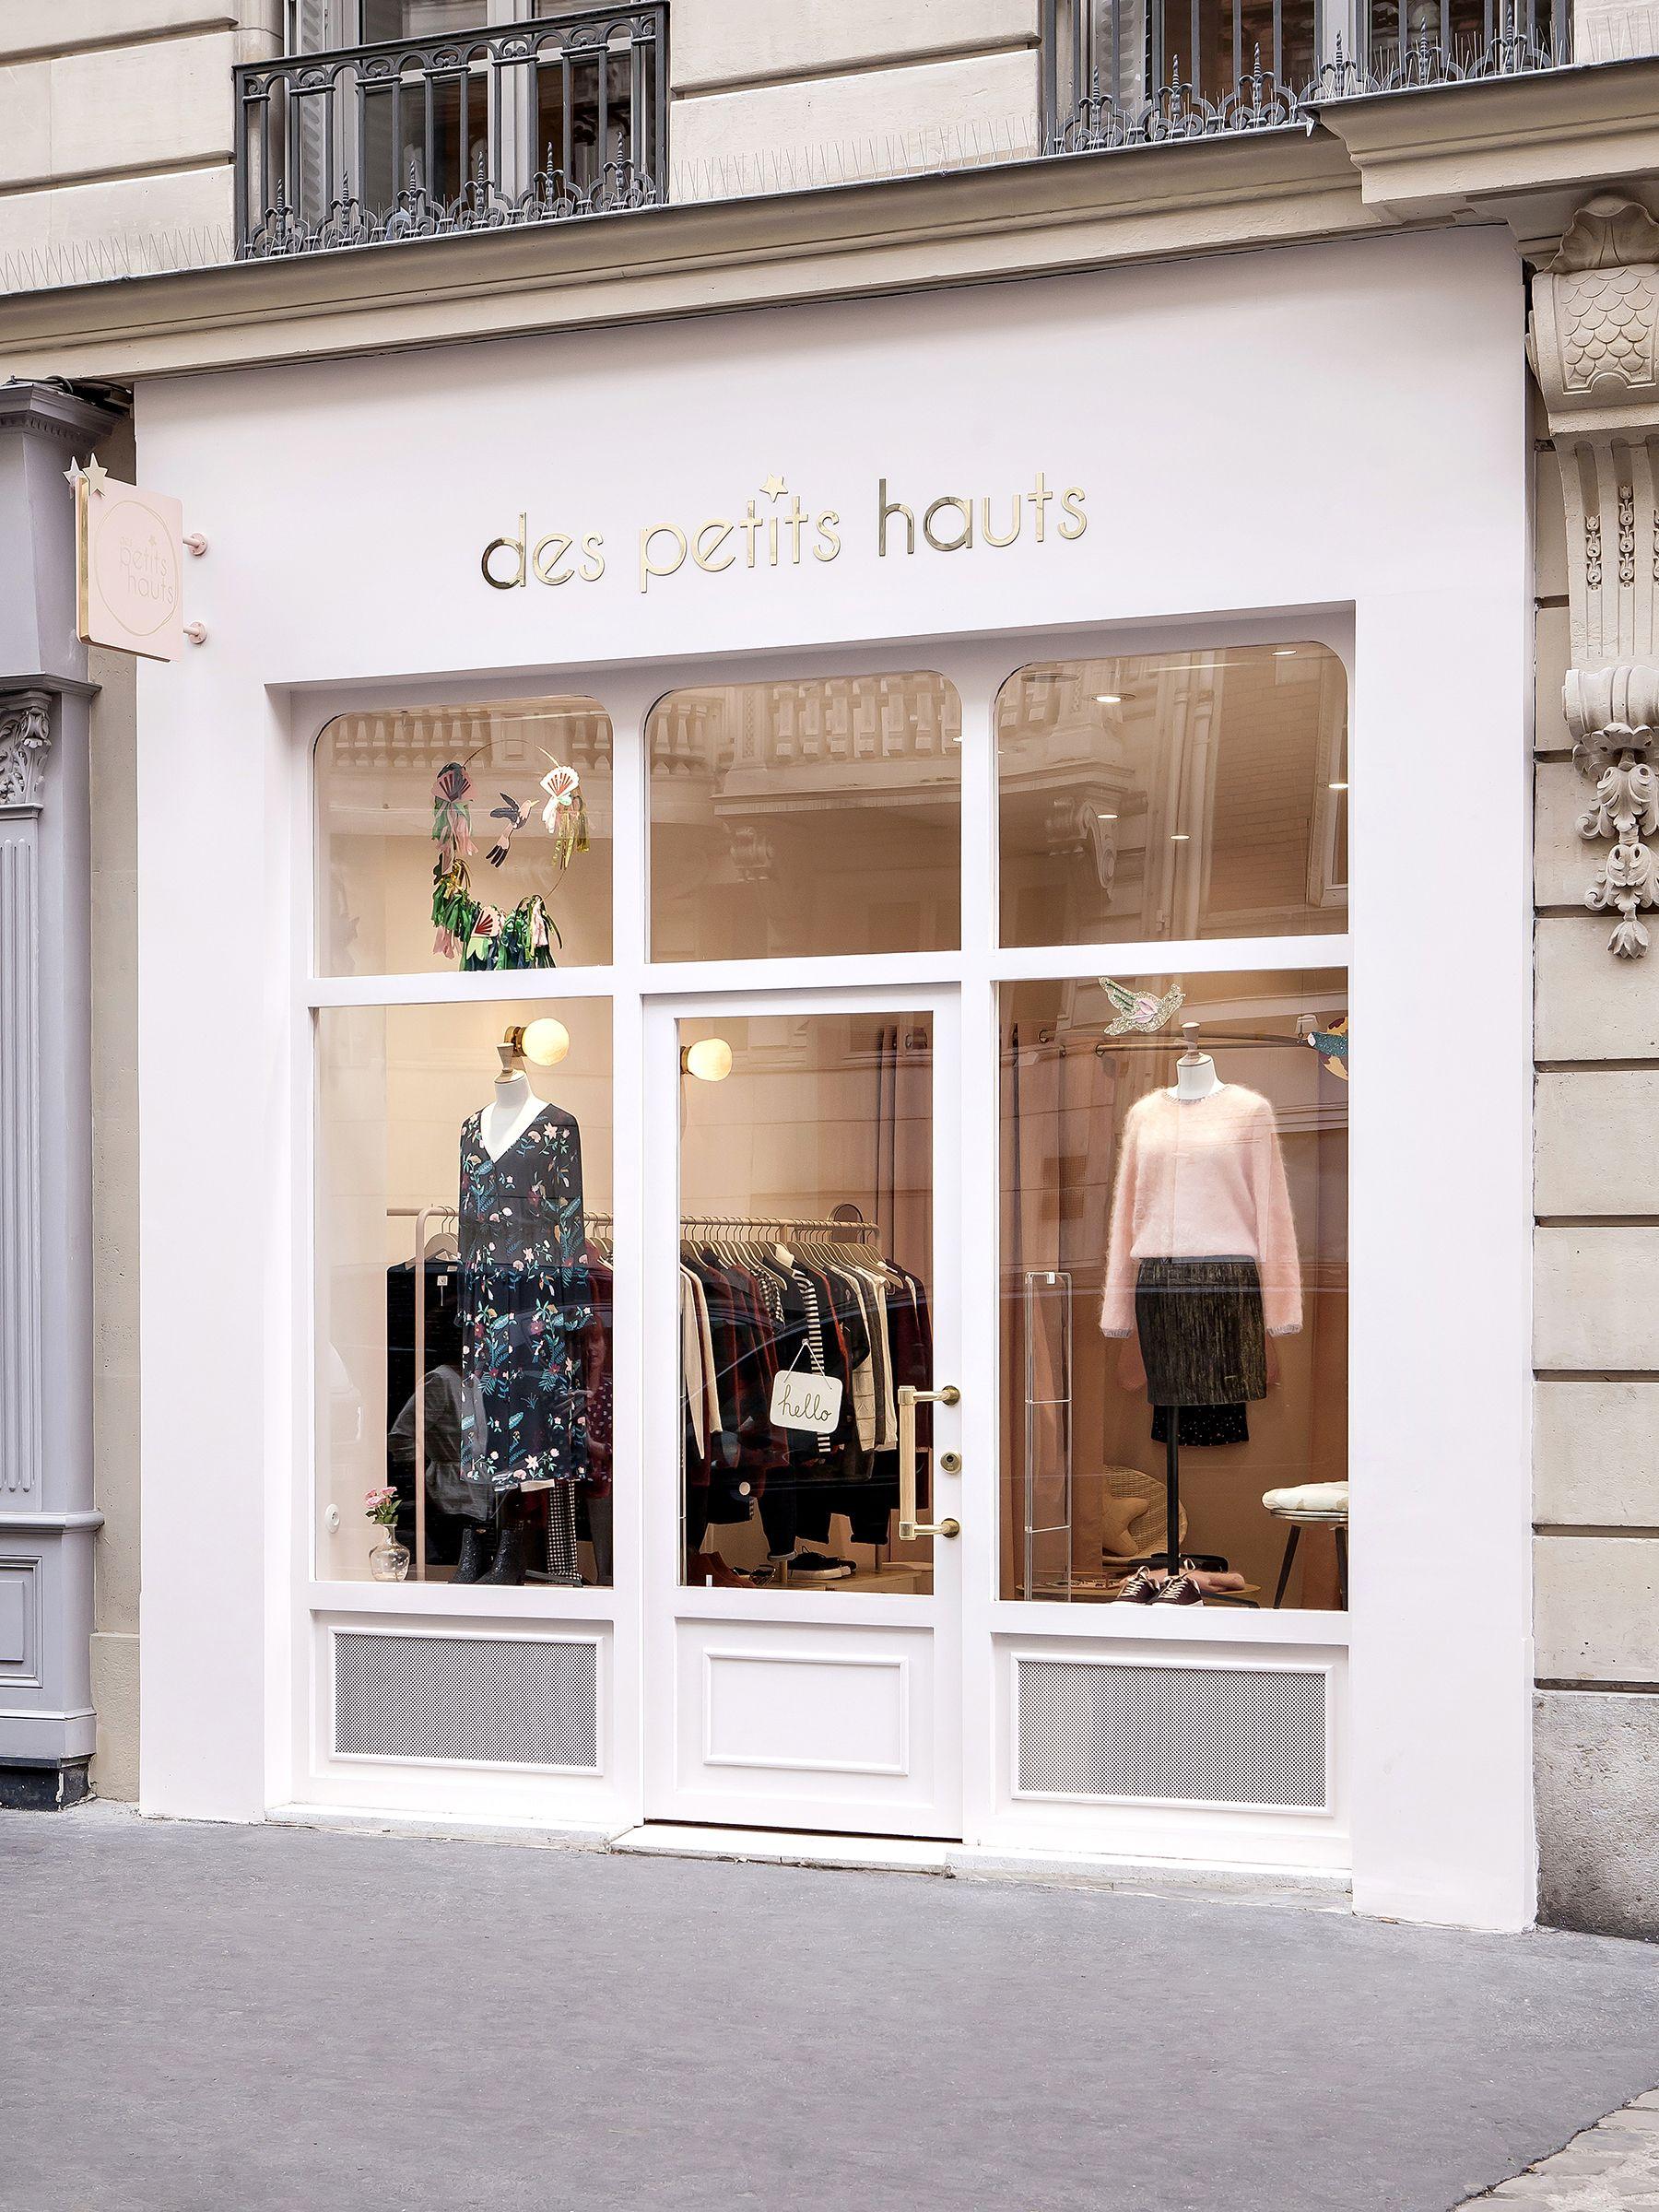 Renovation Boutique Des Petits Hauts A Paris Heju Studio Ide Dekorasi Rumah Desain Interior Rumah Arsitektur